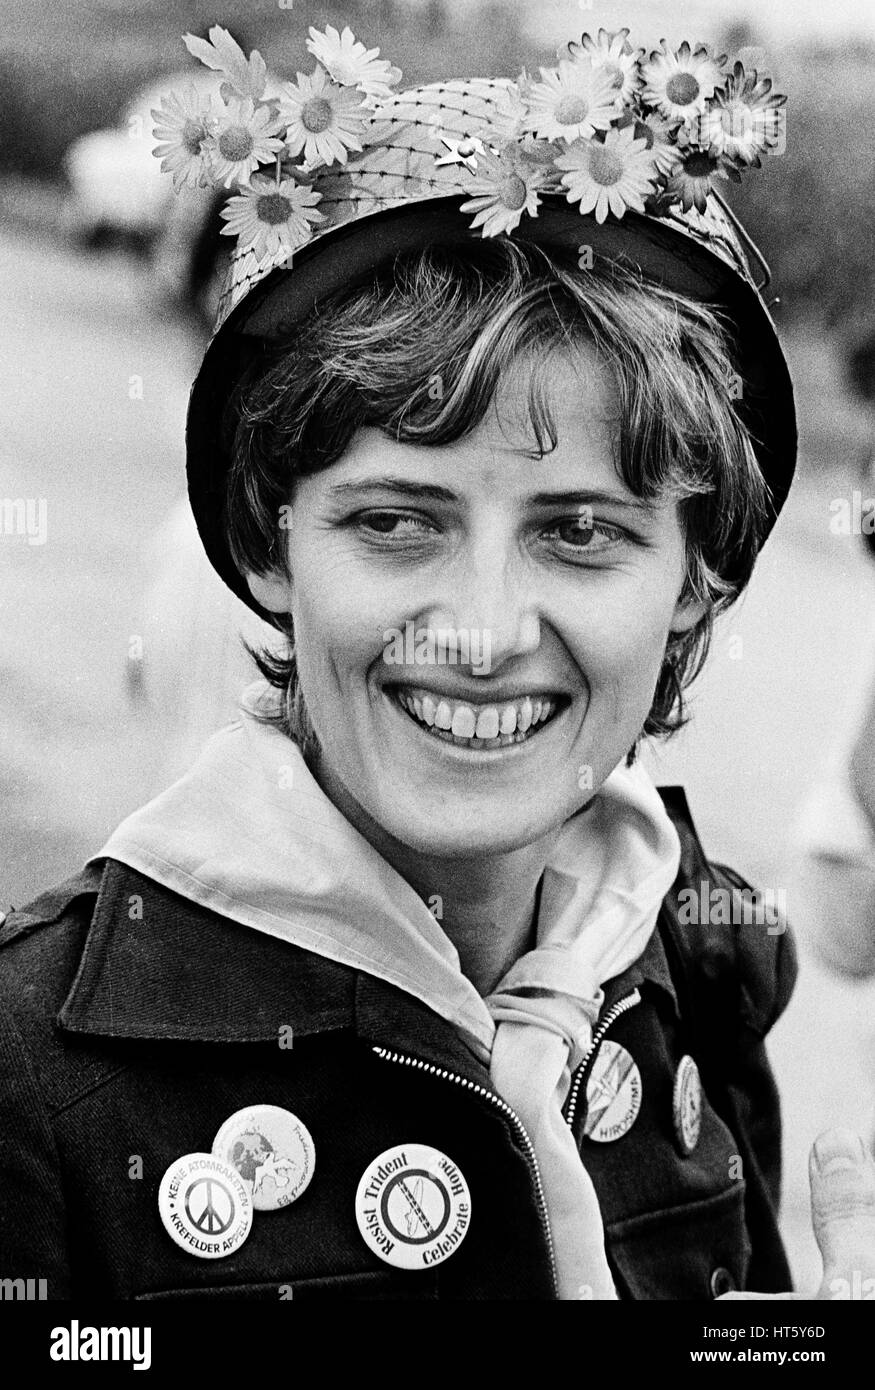 Mutlangen, Germania, 01.sett1983: PETRA KELLY (* 29 novembre 1947, probabilmente † 1 ottobre 1992), co-fondatore Immagini Stock